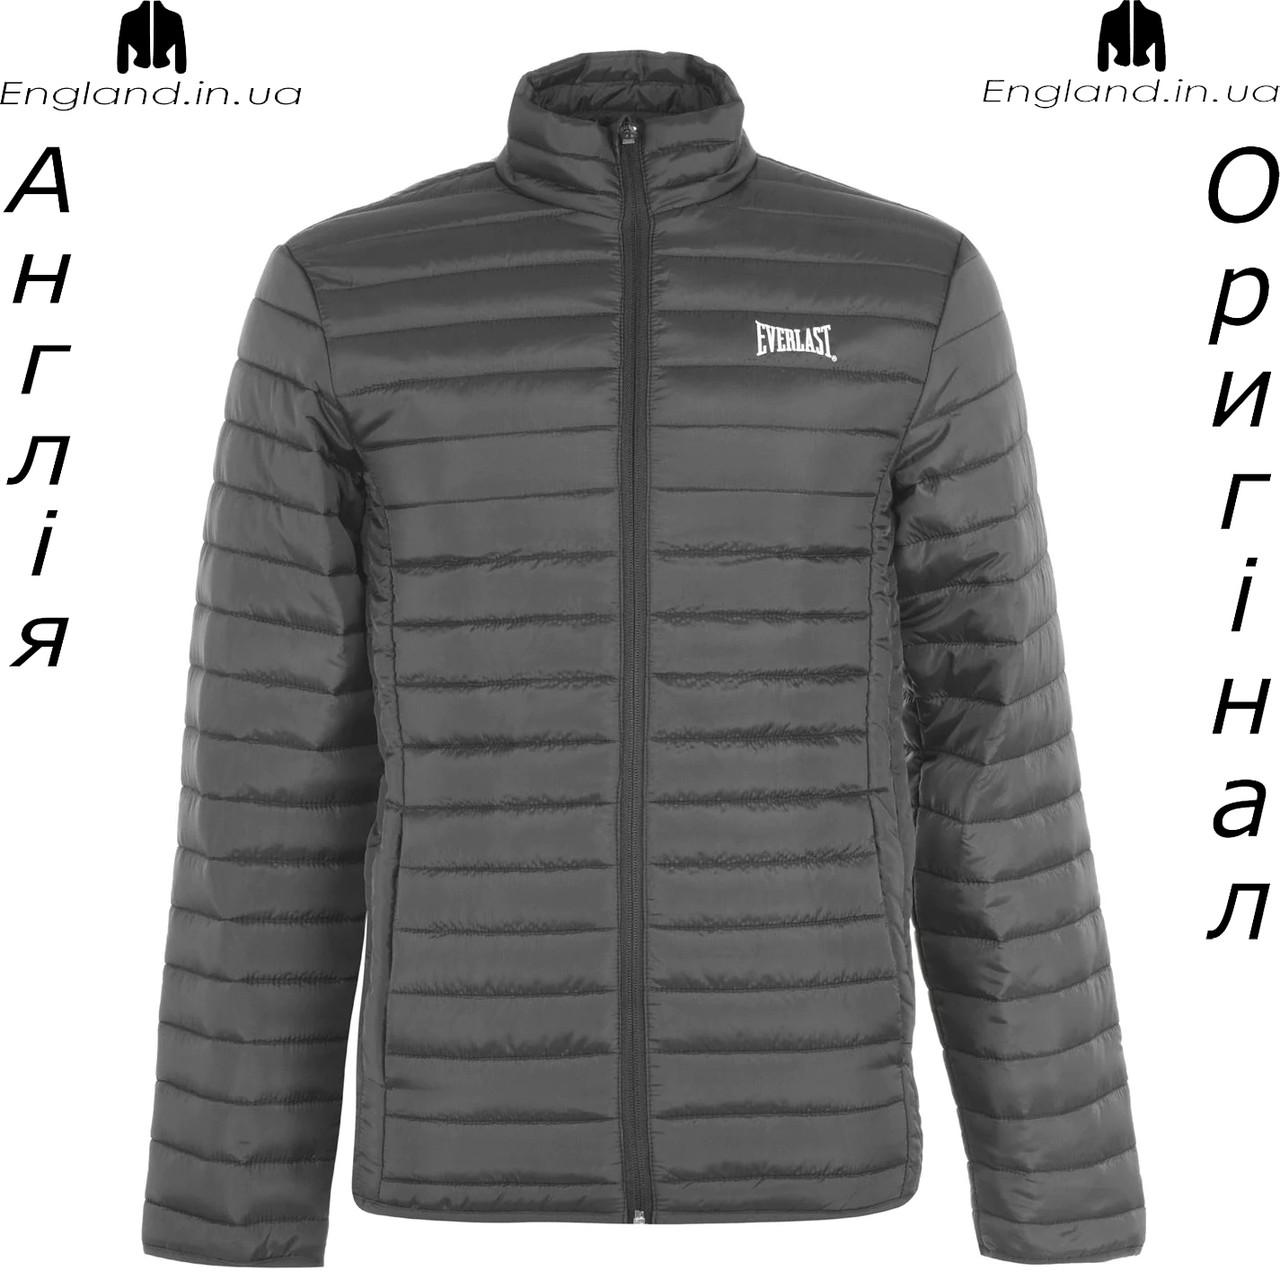 Куртка мужская Everlast из Англии - стеганая осень/весна